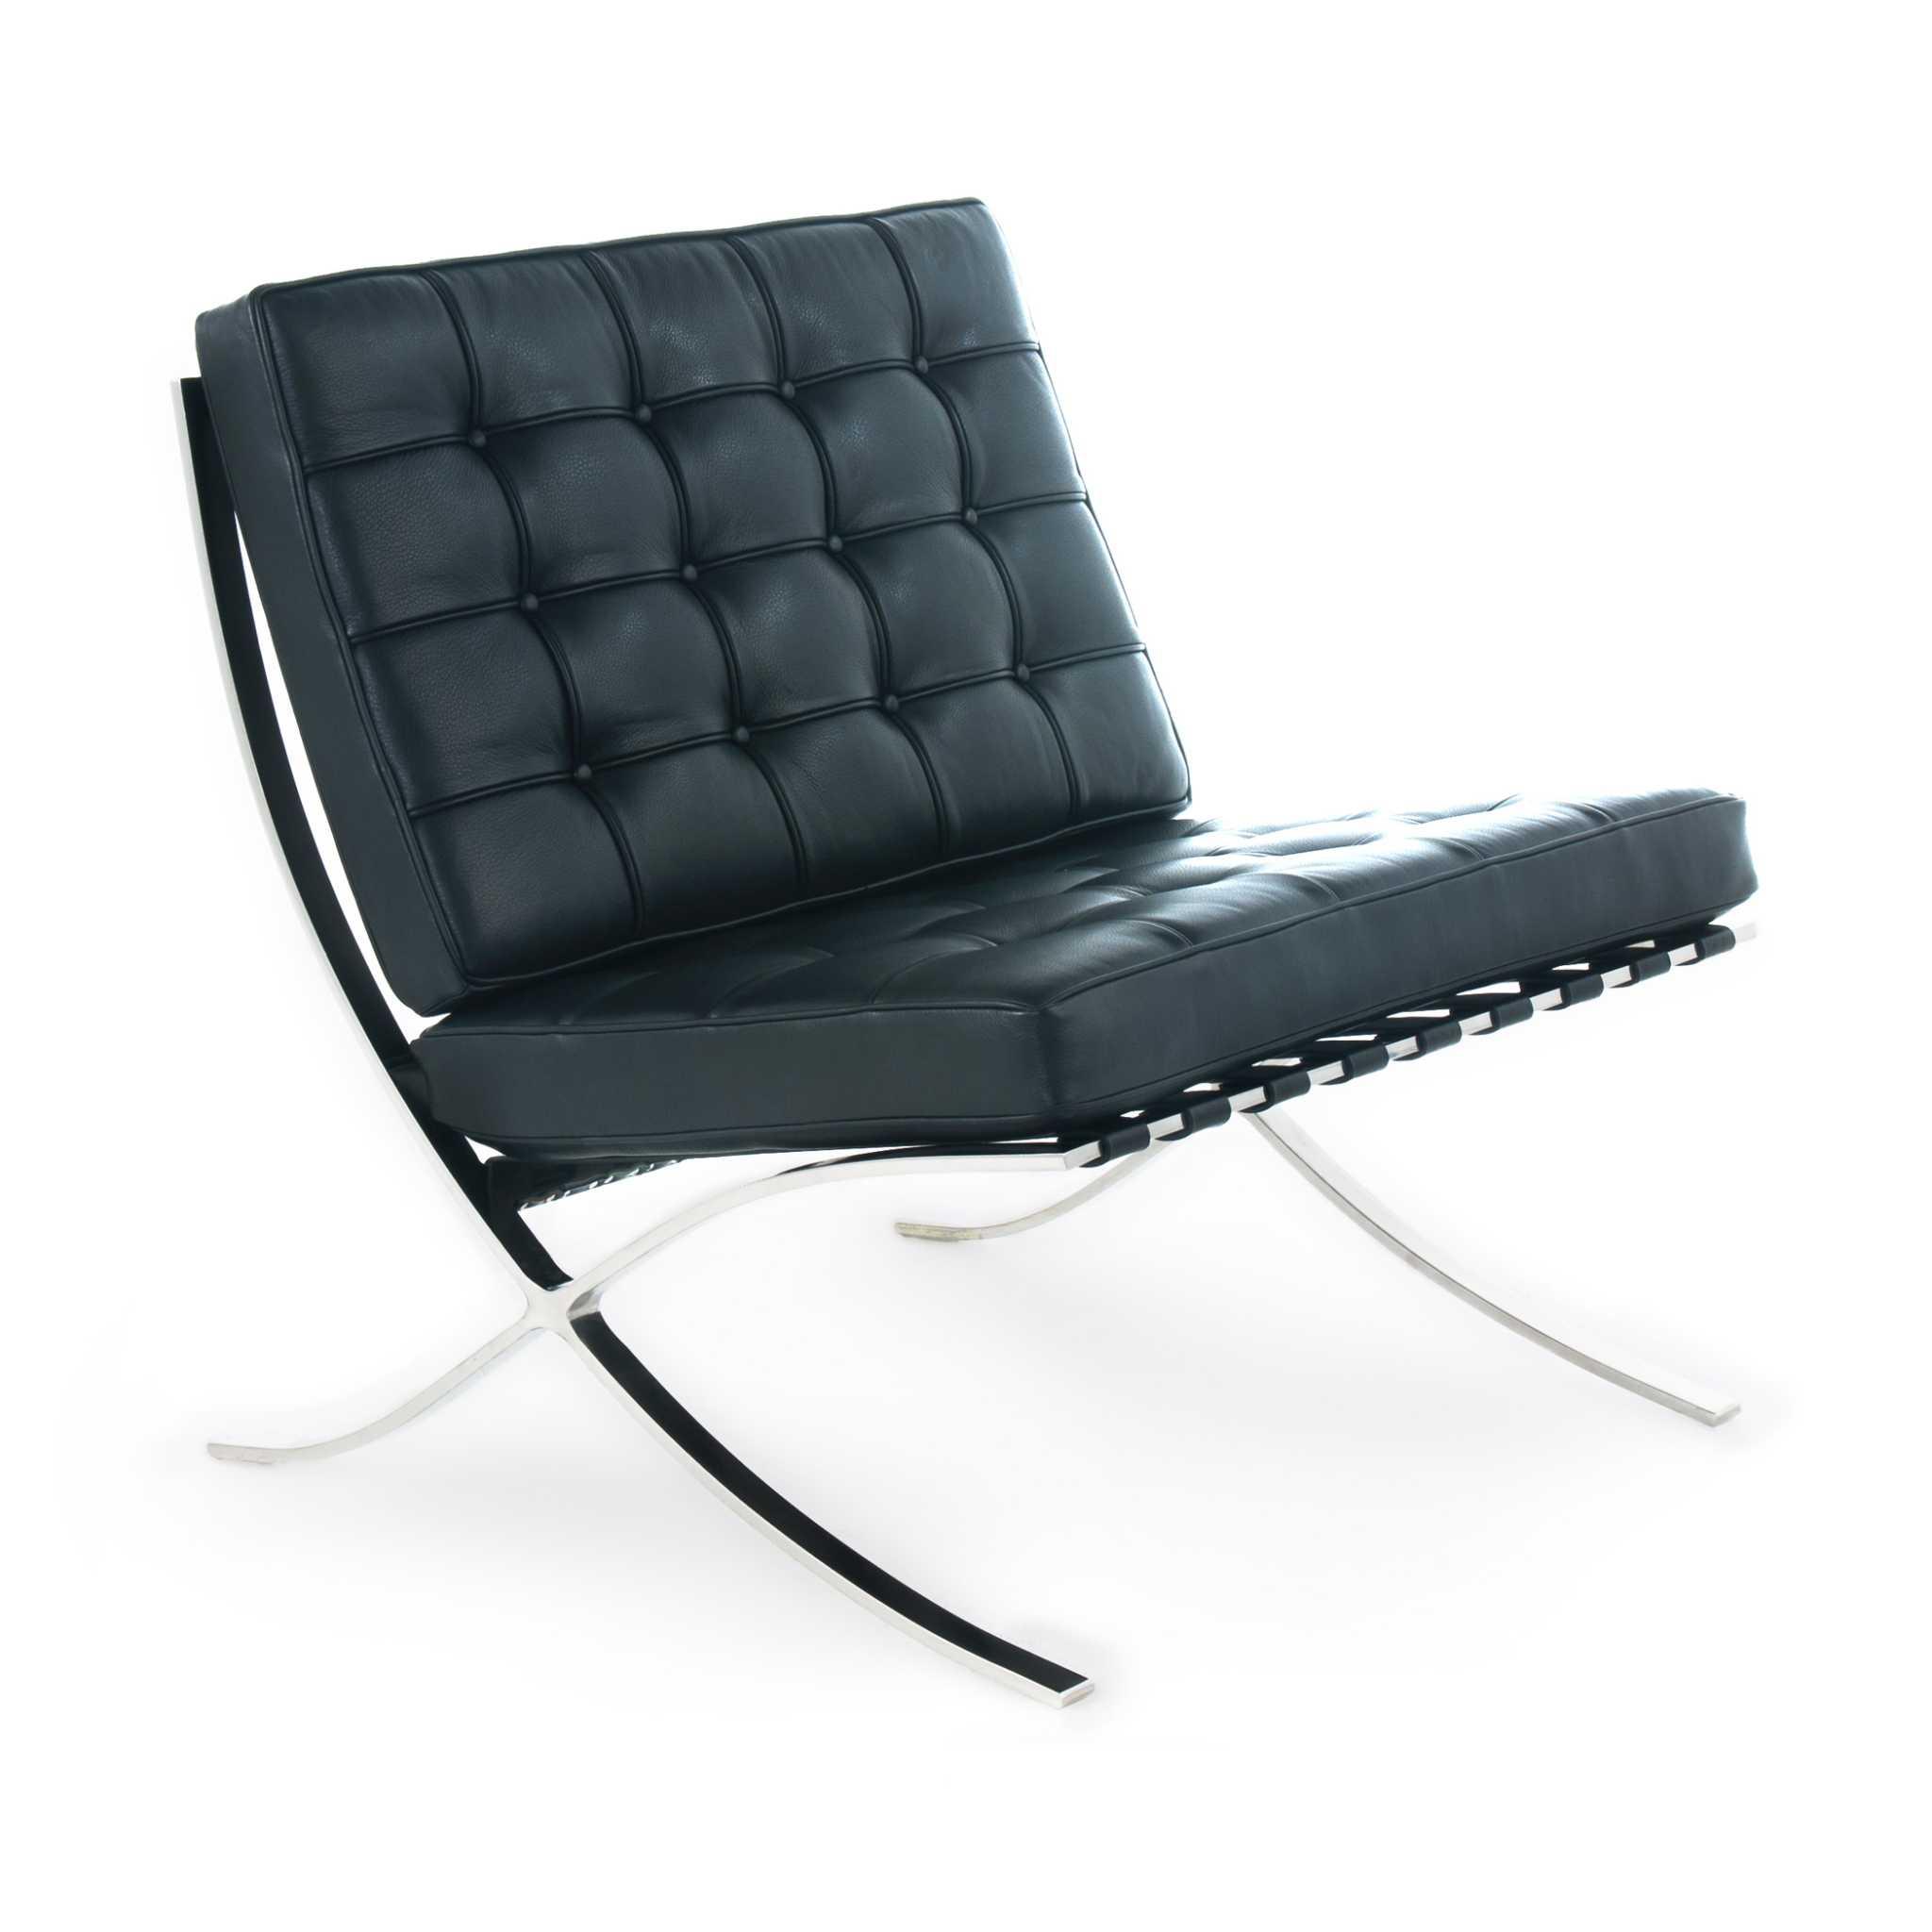 Rove Concepts Pavilion Chair